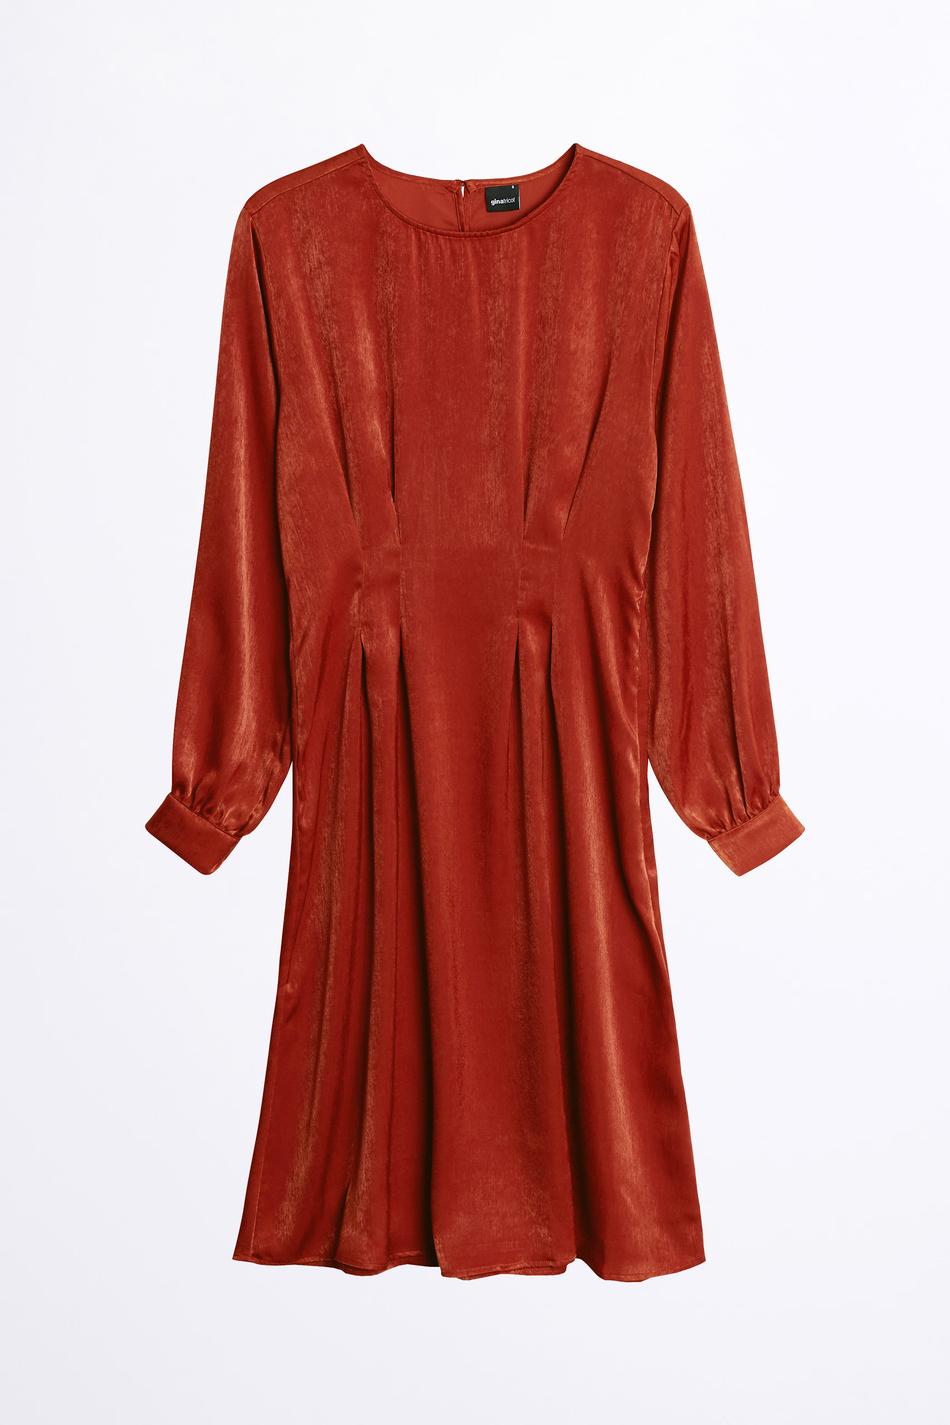 Sandra dress 149.70 DKK, Kjoler Køb trendy kjoler online